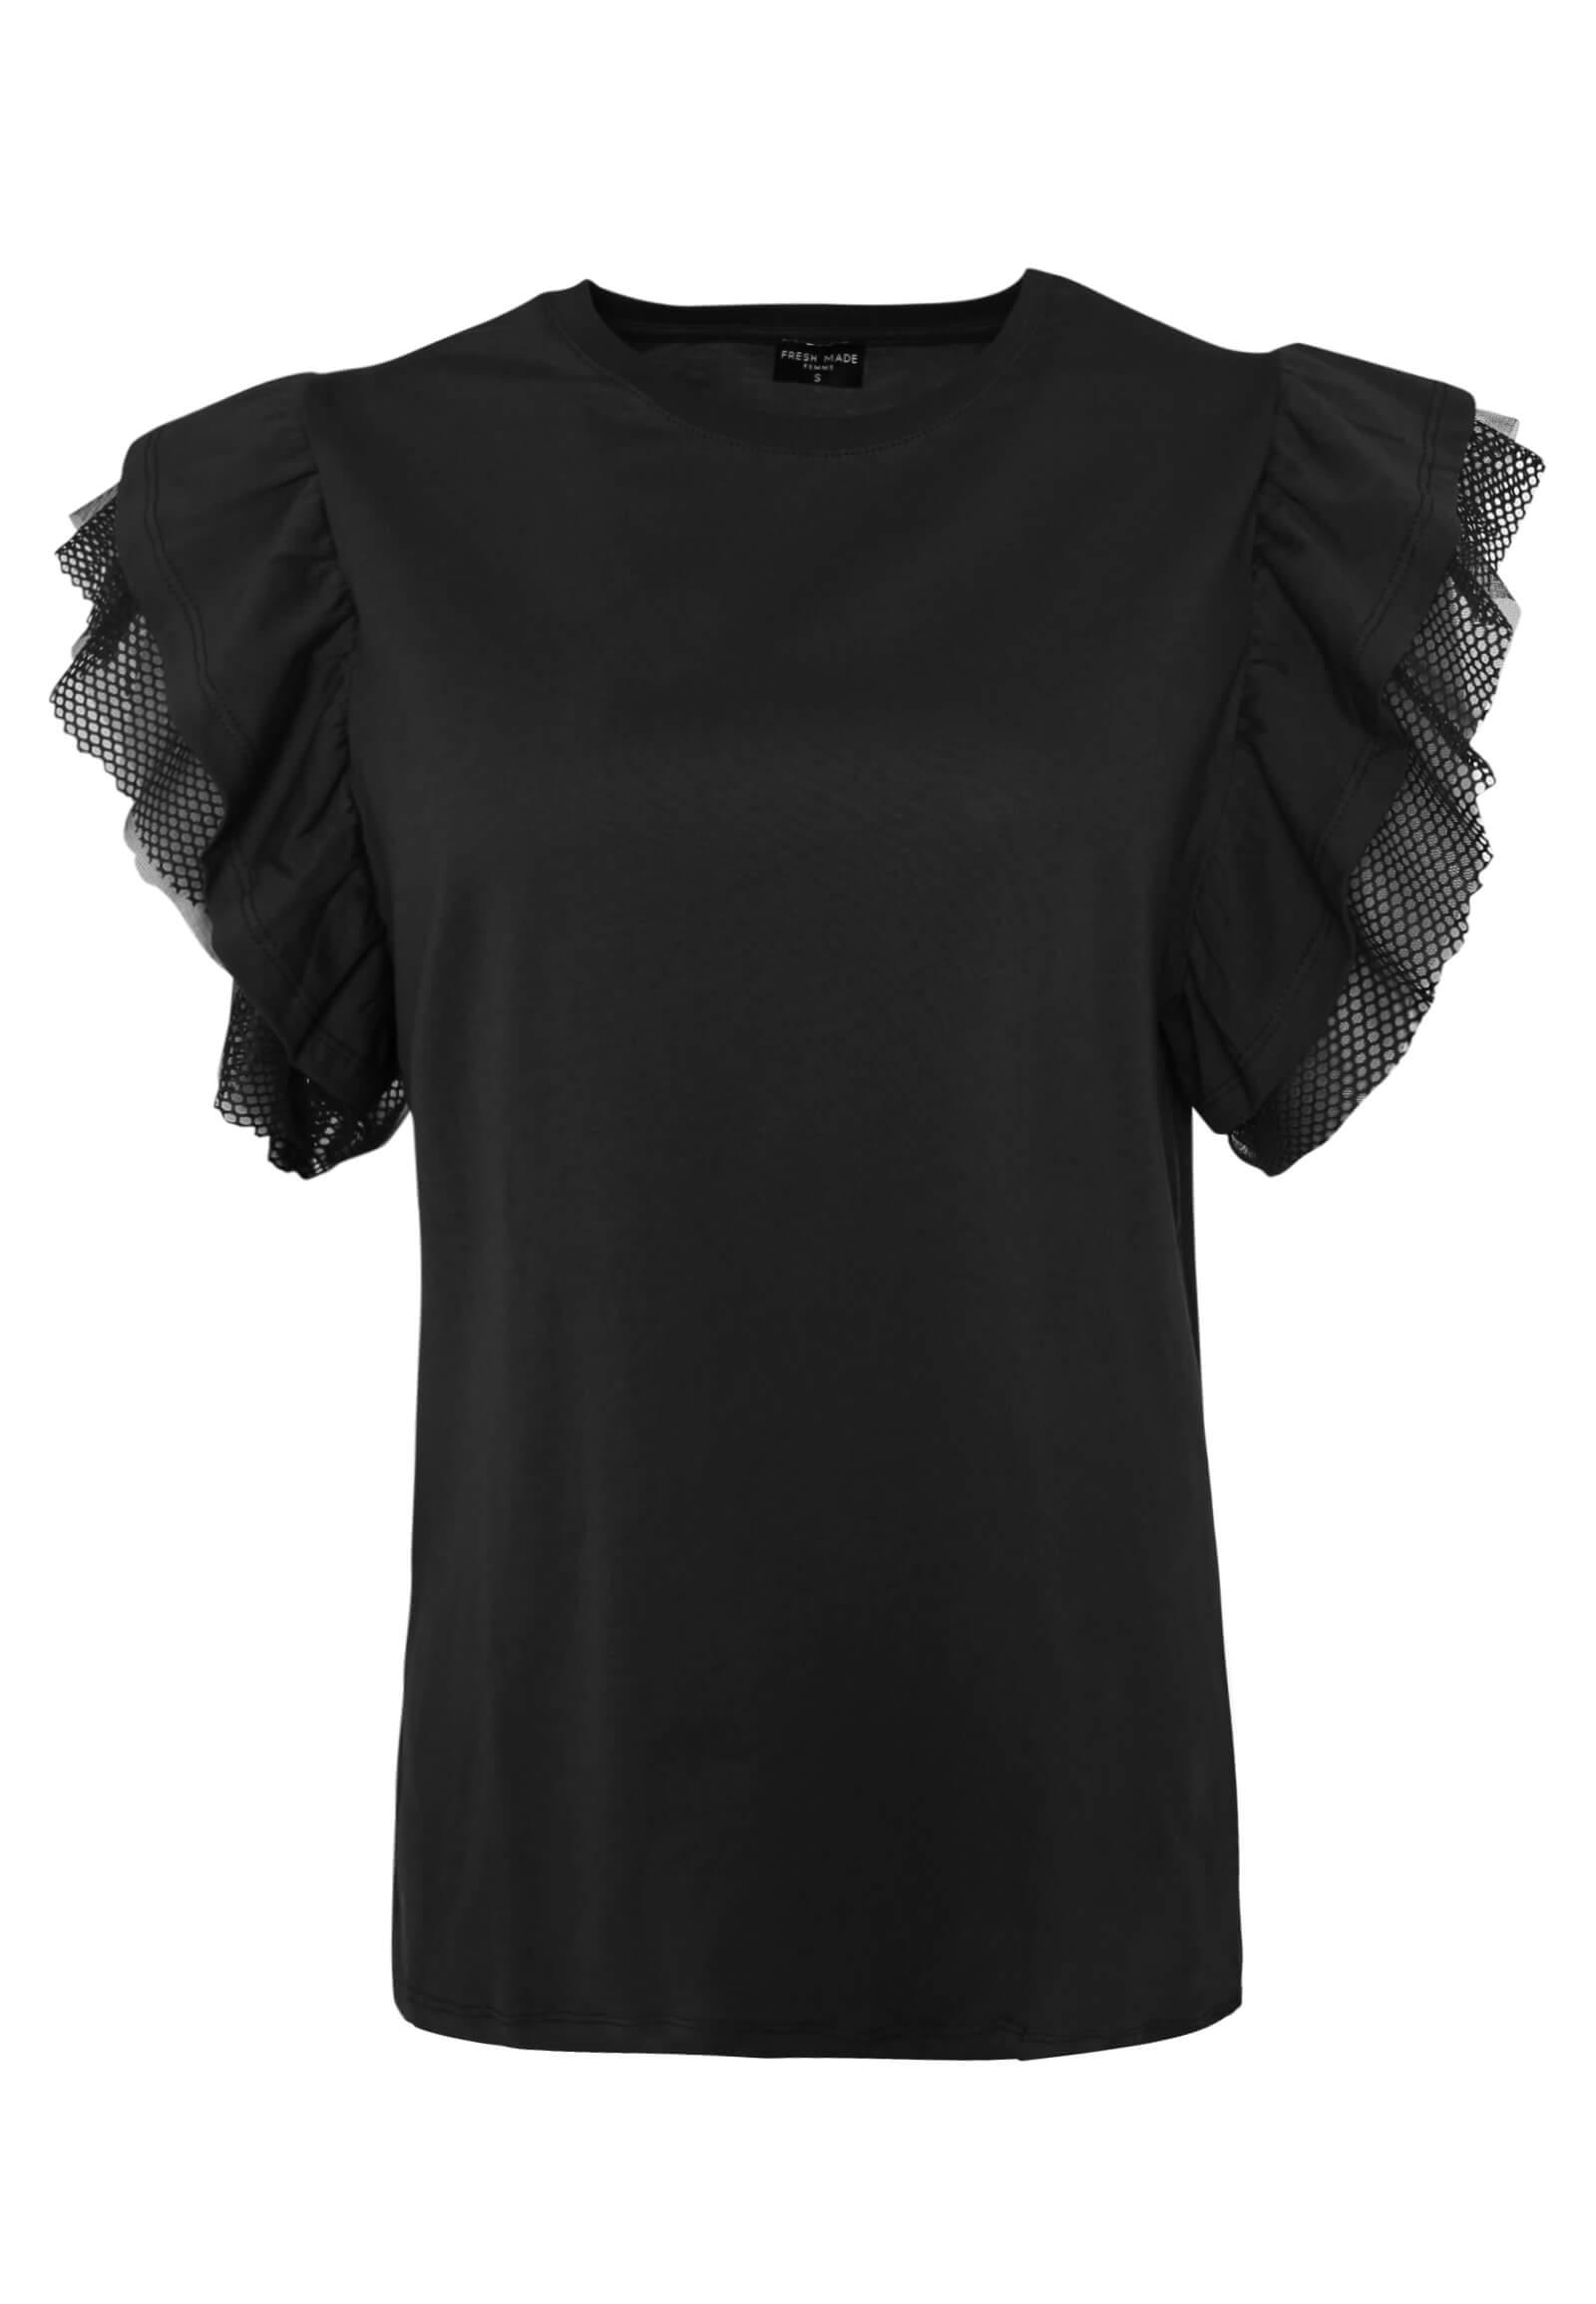 Schwarzes Shirt mit Volant-Ärmeln